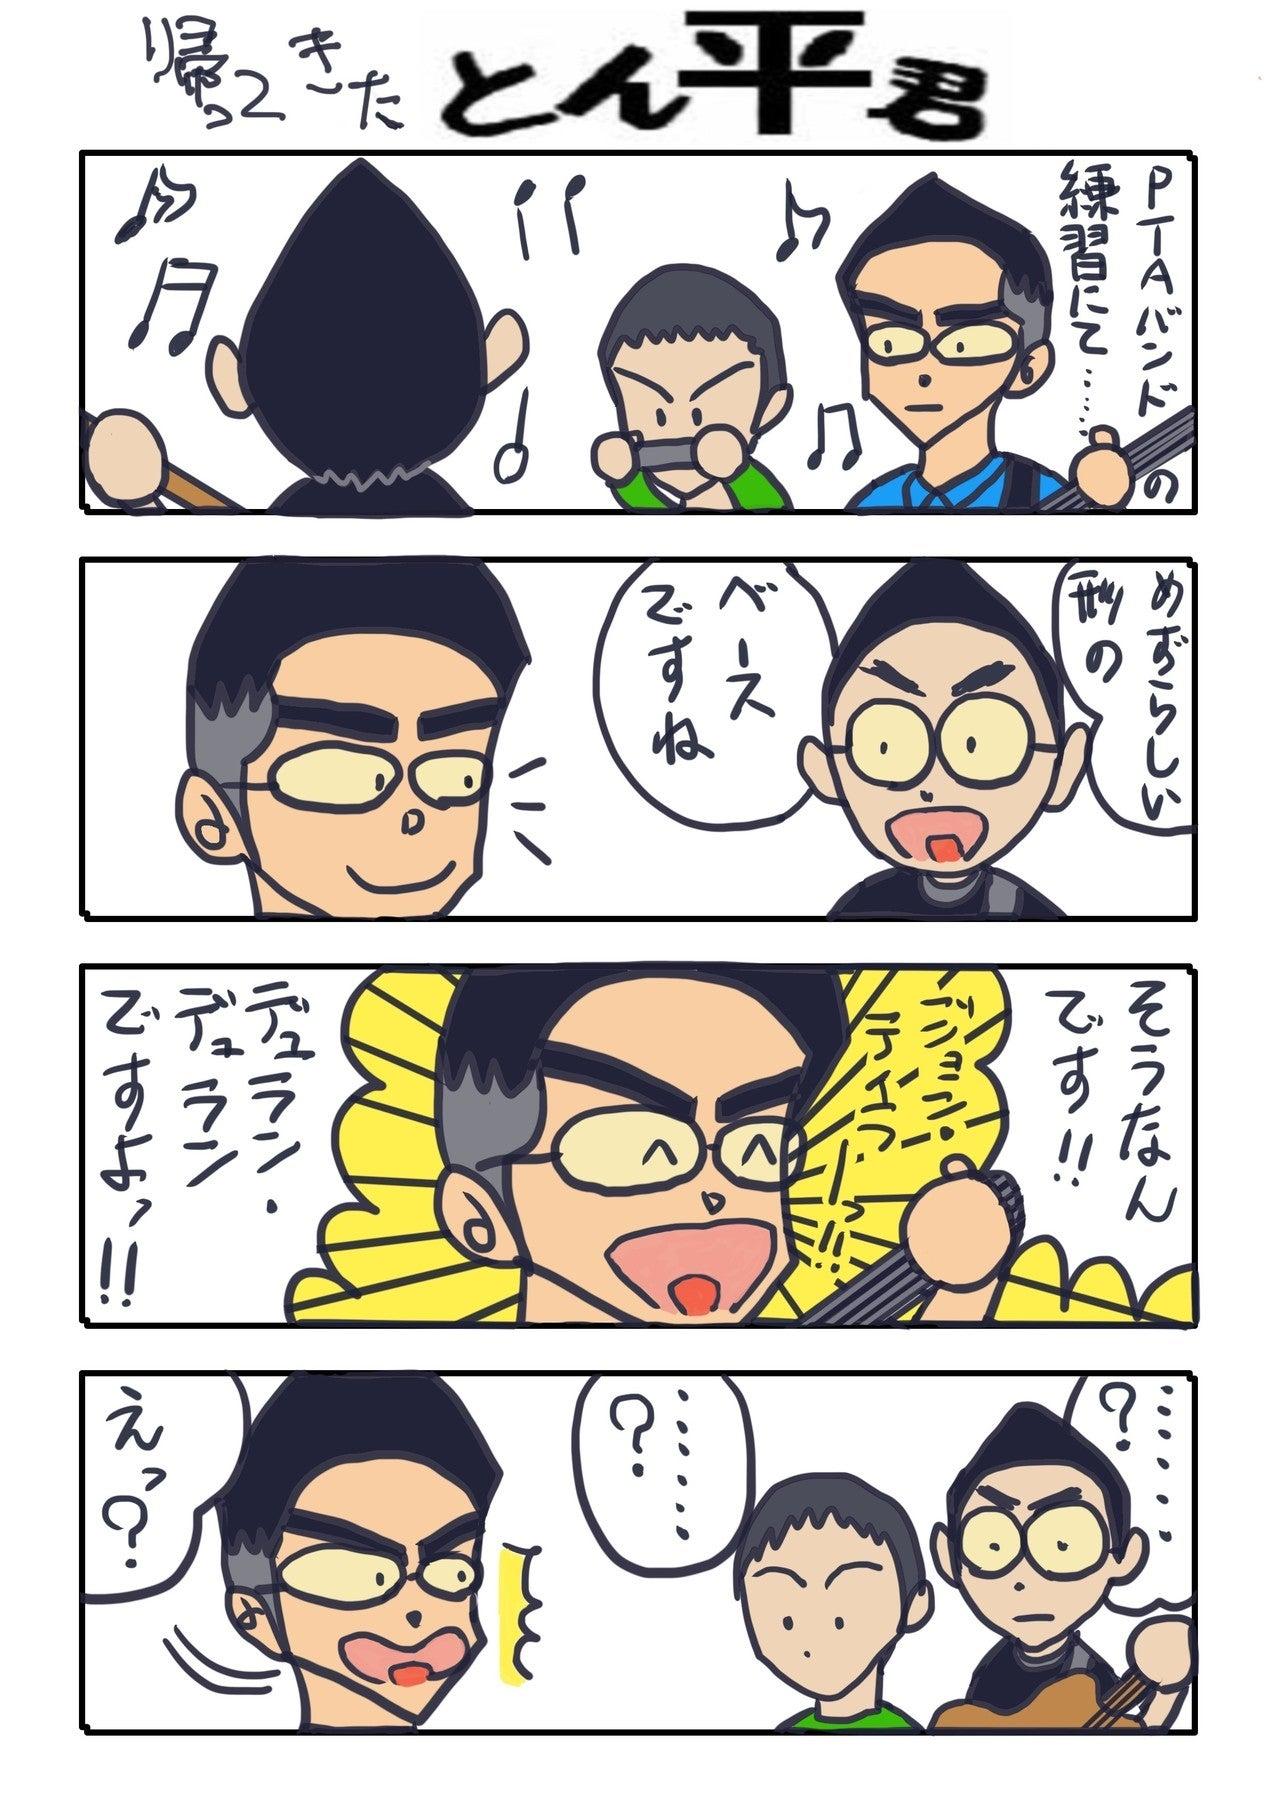 帰ってきたとん平君No.3